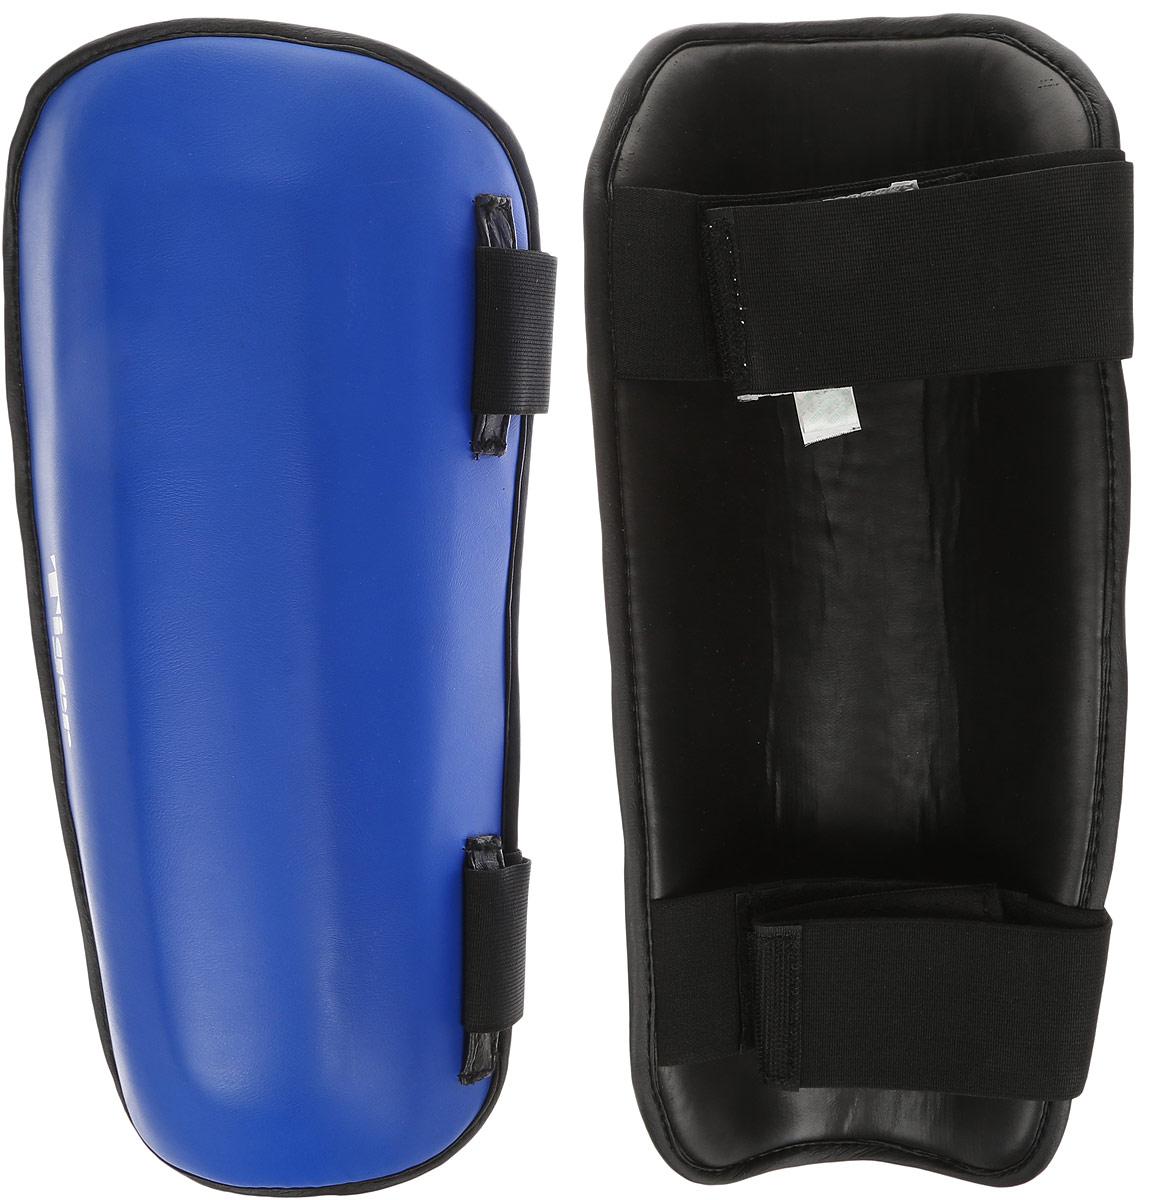 Защита голени Green Hill Tiger, цвет: синий, белый. Размер XL. SPT-2123SPT-2123Защита голени Green Hill Tiger с наполнителем, выполненным из вспененного полимера, необходима при занятиях спортом для защиты суставов от вывихов, ушибов и прочих повреждений. Накладки выполнены из высококачественной натуральной кожи. Закрепляются на ноге при помощи эластичных лент и липучек.Длина голени: 36 см.Ширина голени: 15 см.